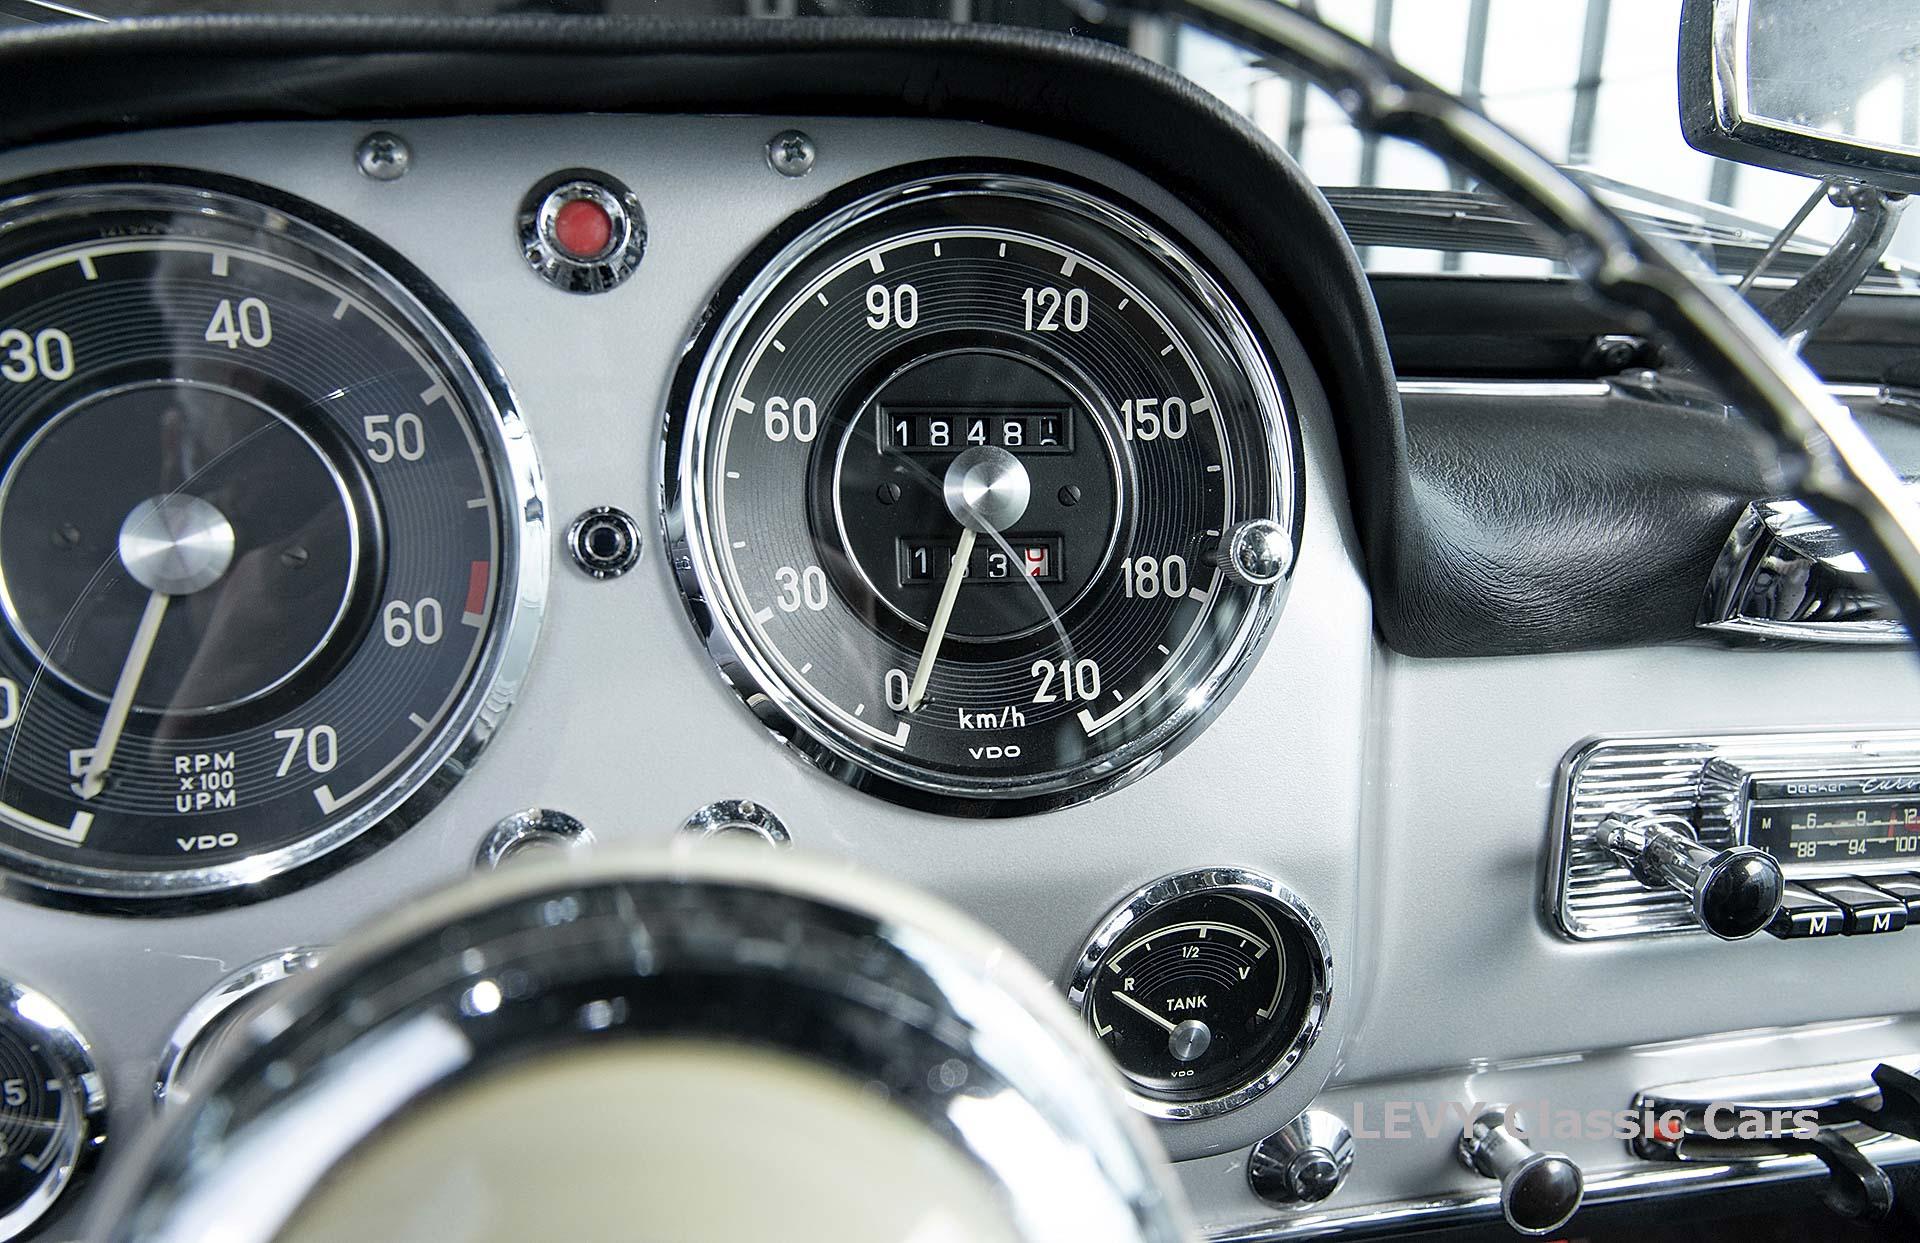 MB 190SL 24217 095